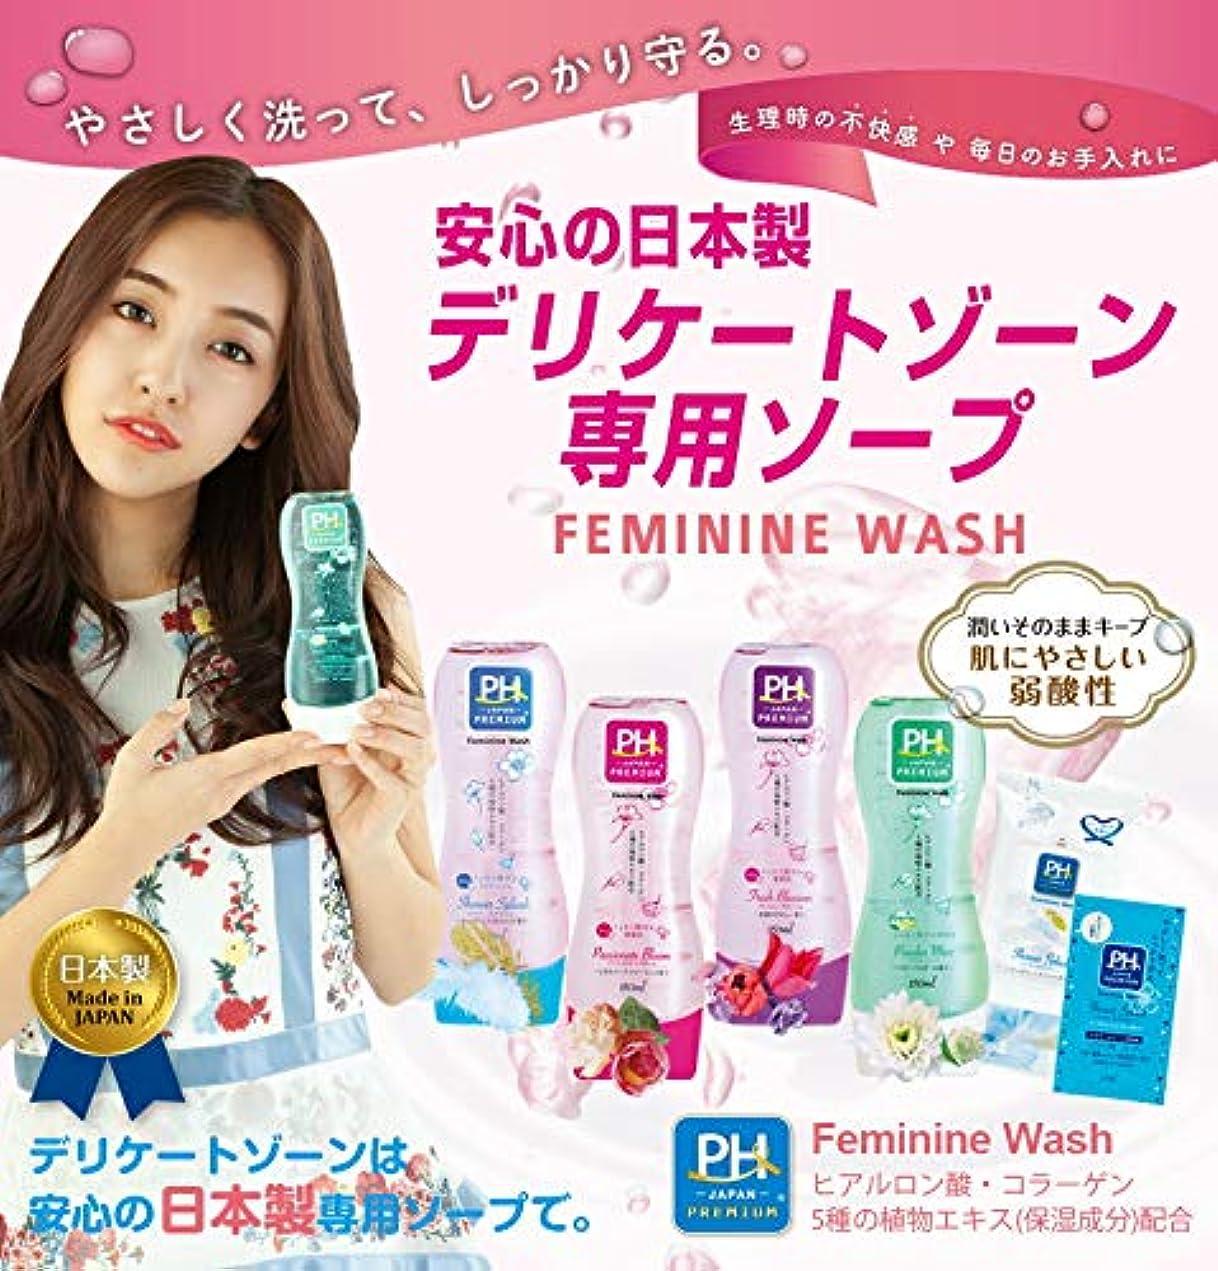 最小化する記念品エンターテインメントPH JAPAN プレミアム フェミニンウォッシュ パッショネイトブルーム150ml上品なローズフローラルの香り 3本セット